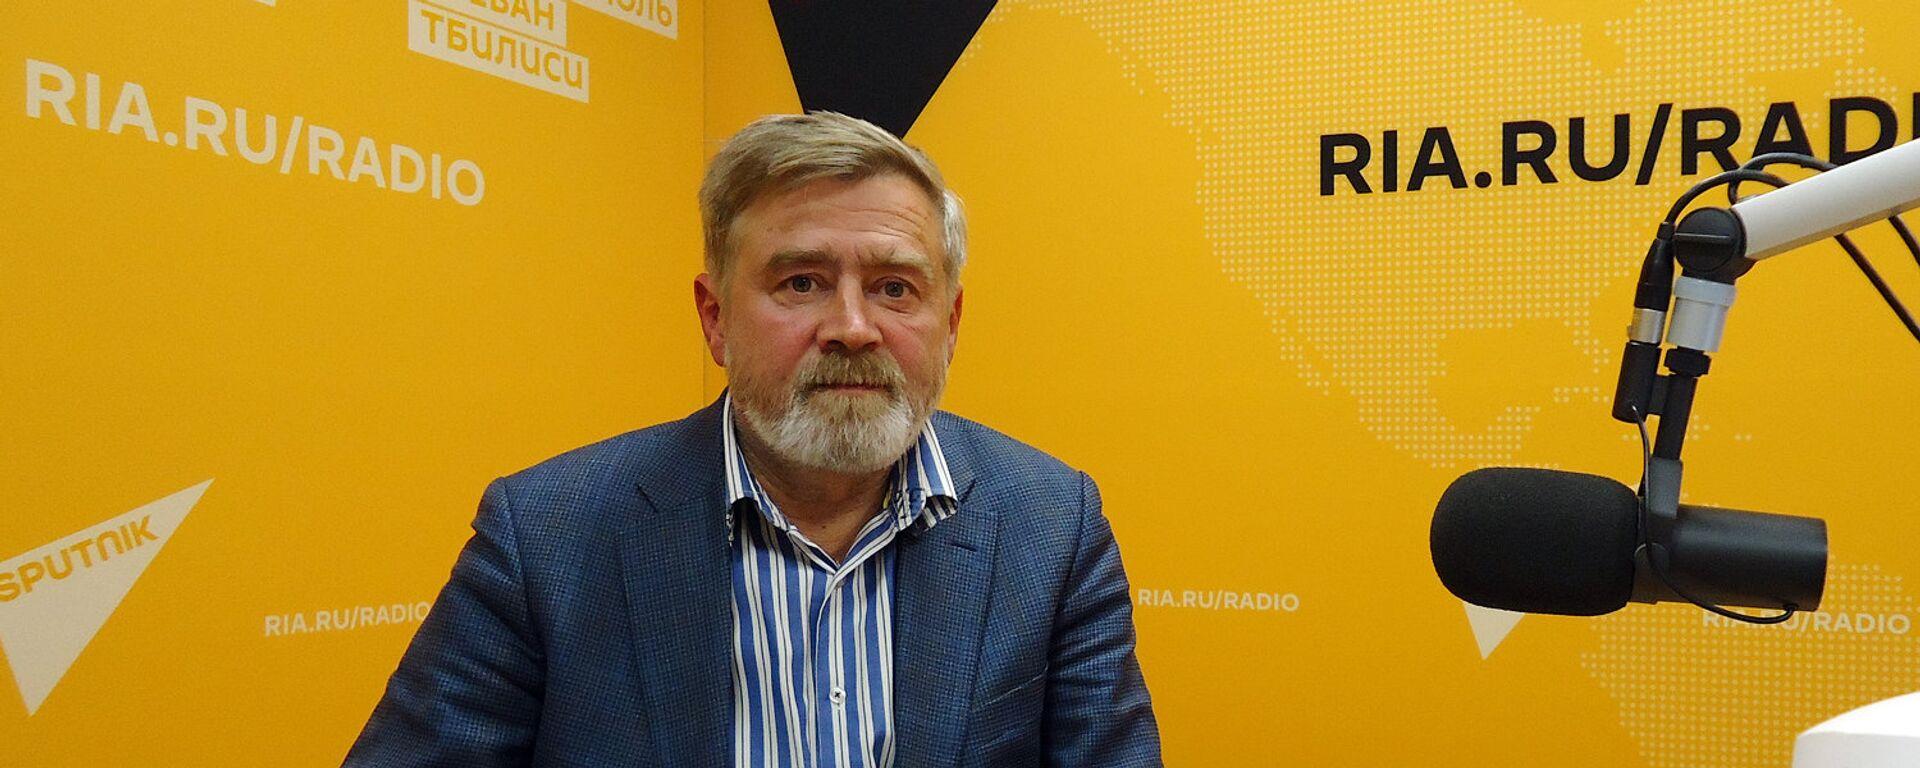 Андрей Масалович - Sputnik Таджикистан, 1920, 21.08.2020